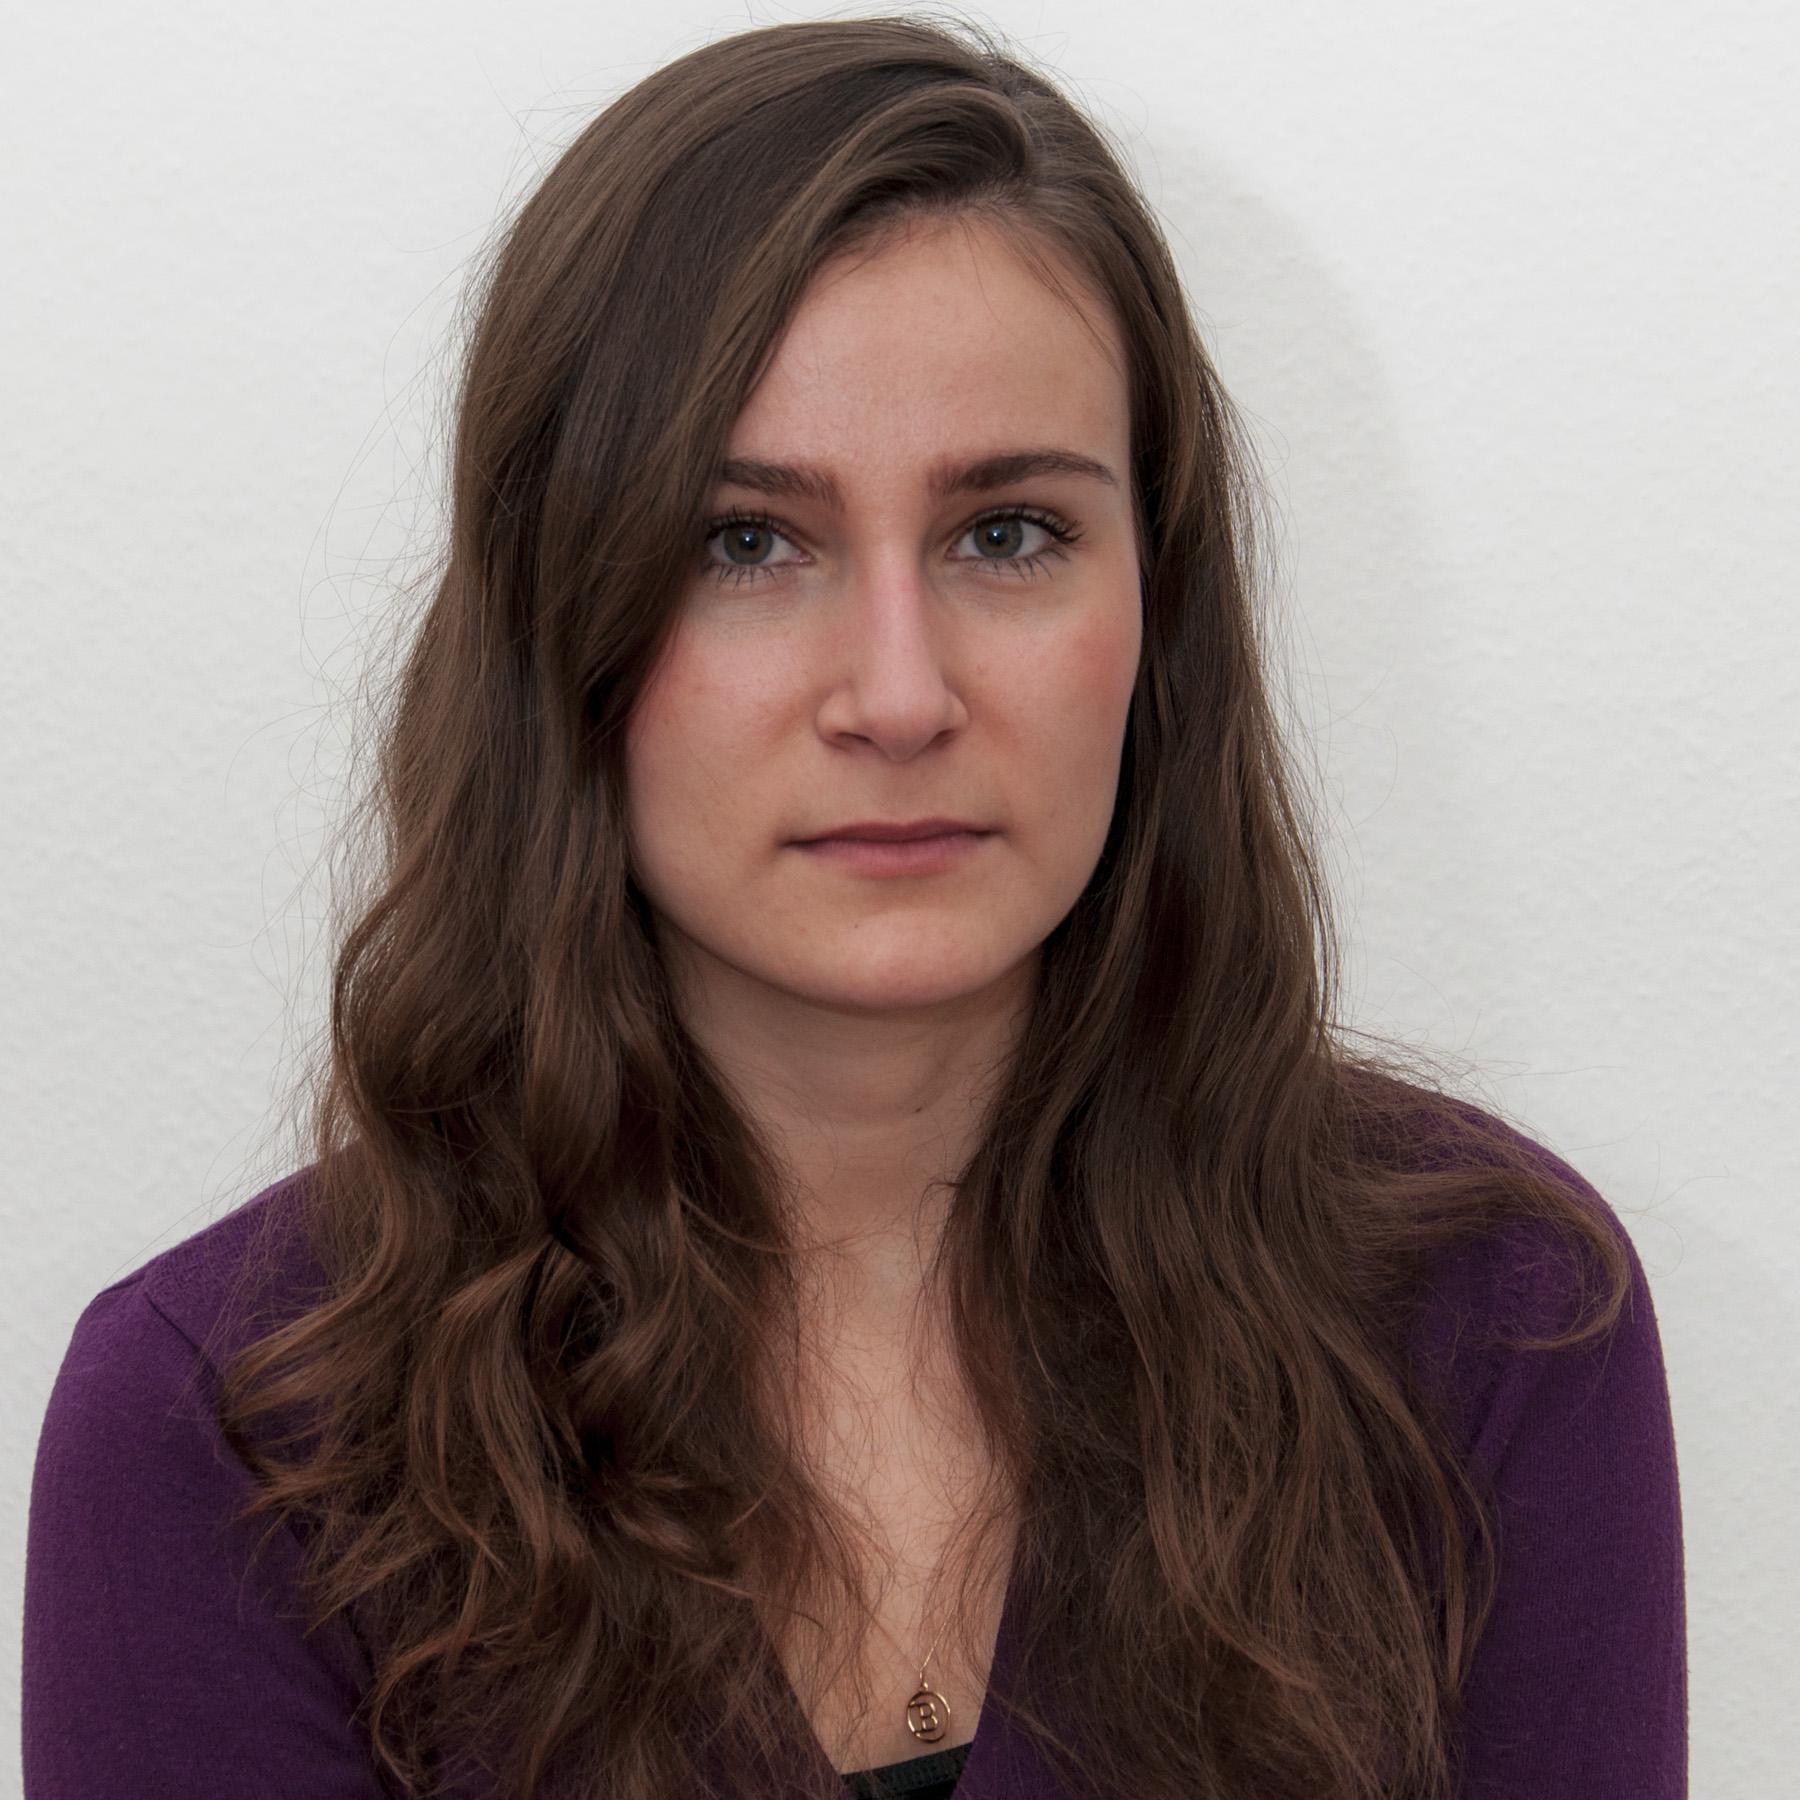 Barbora Budinska